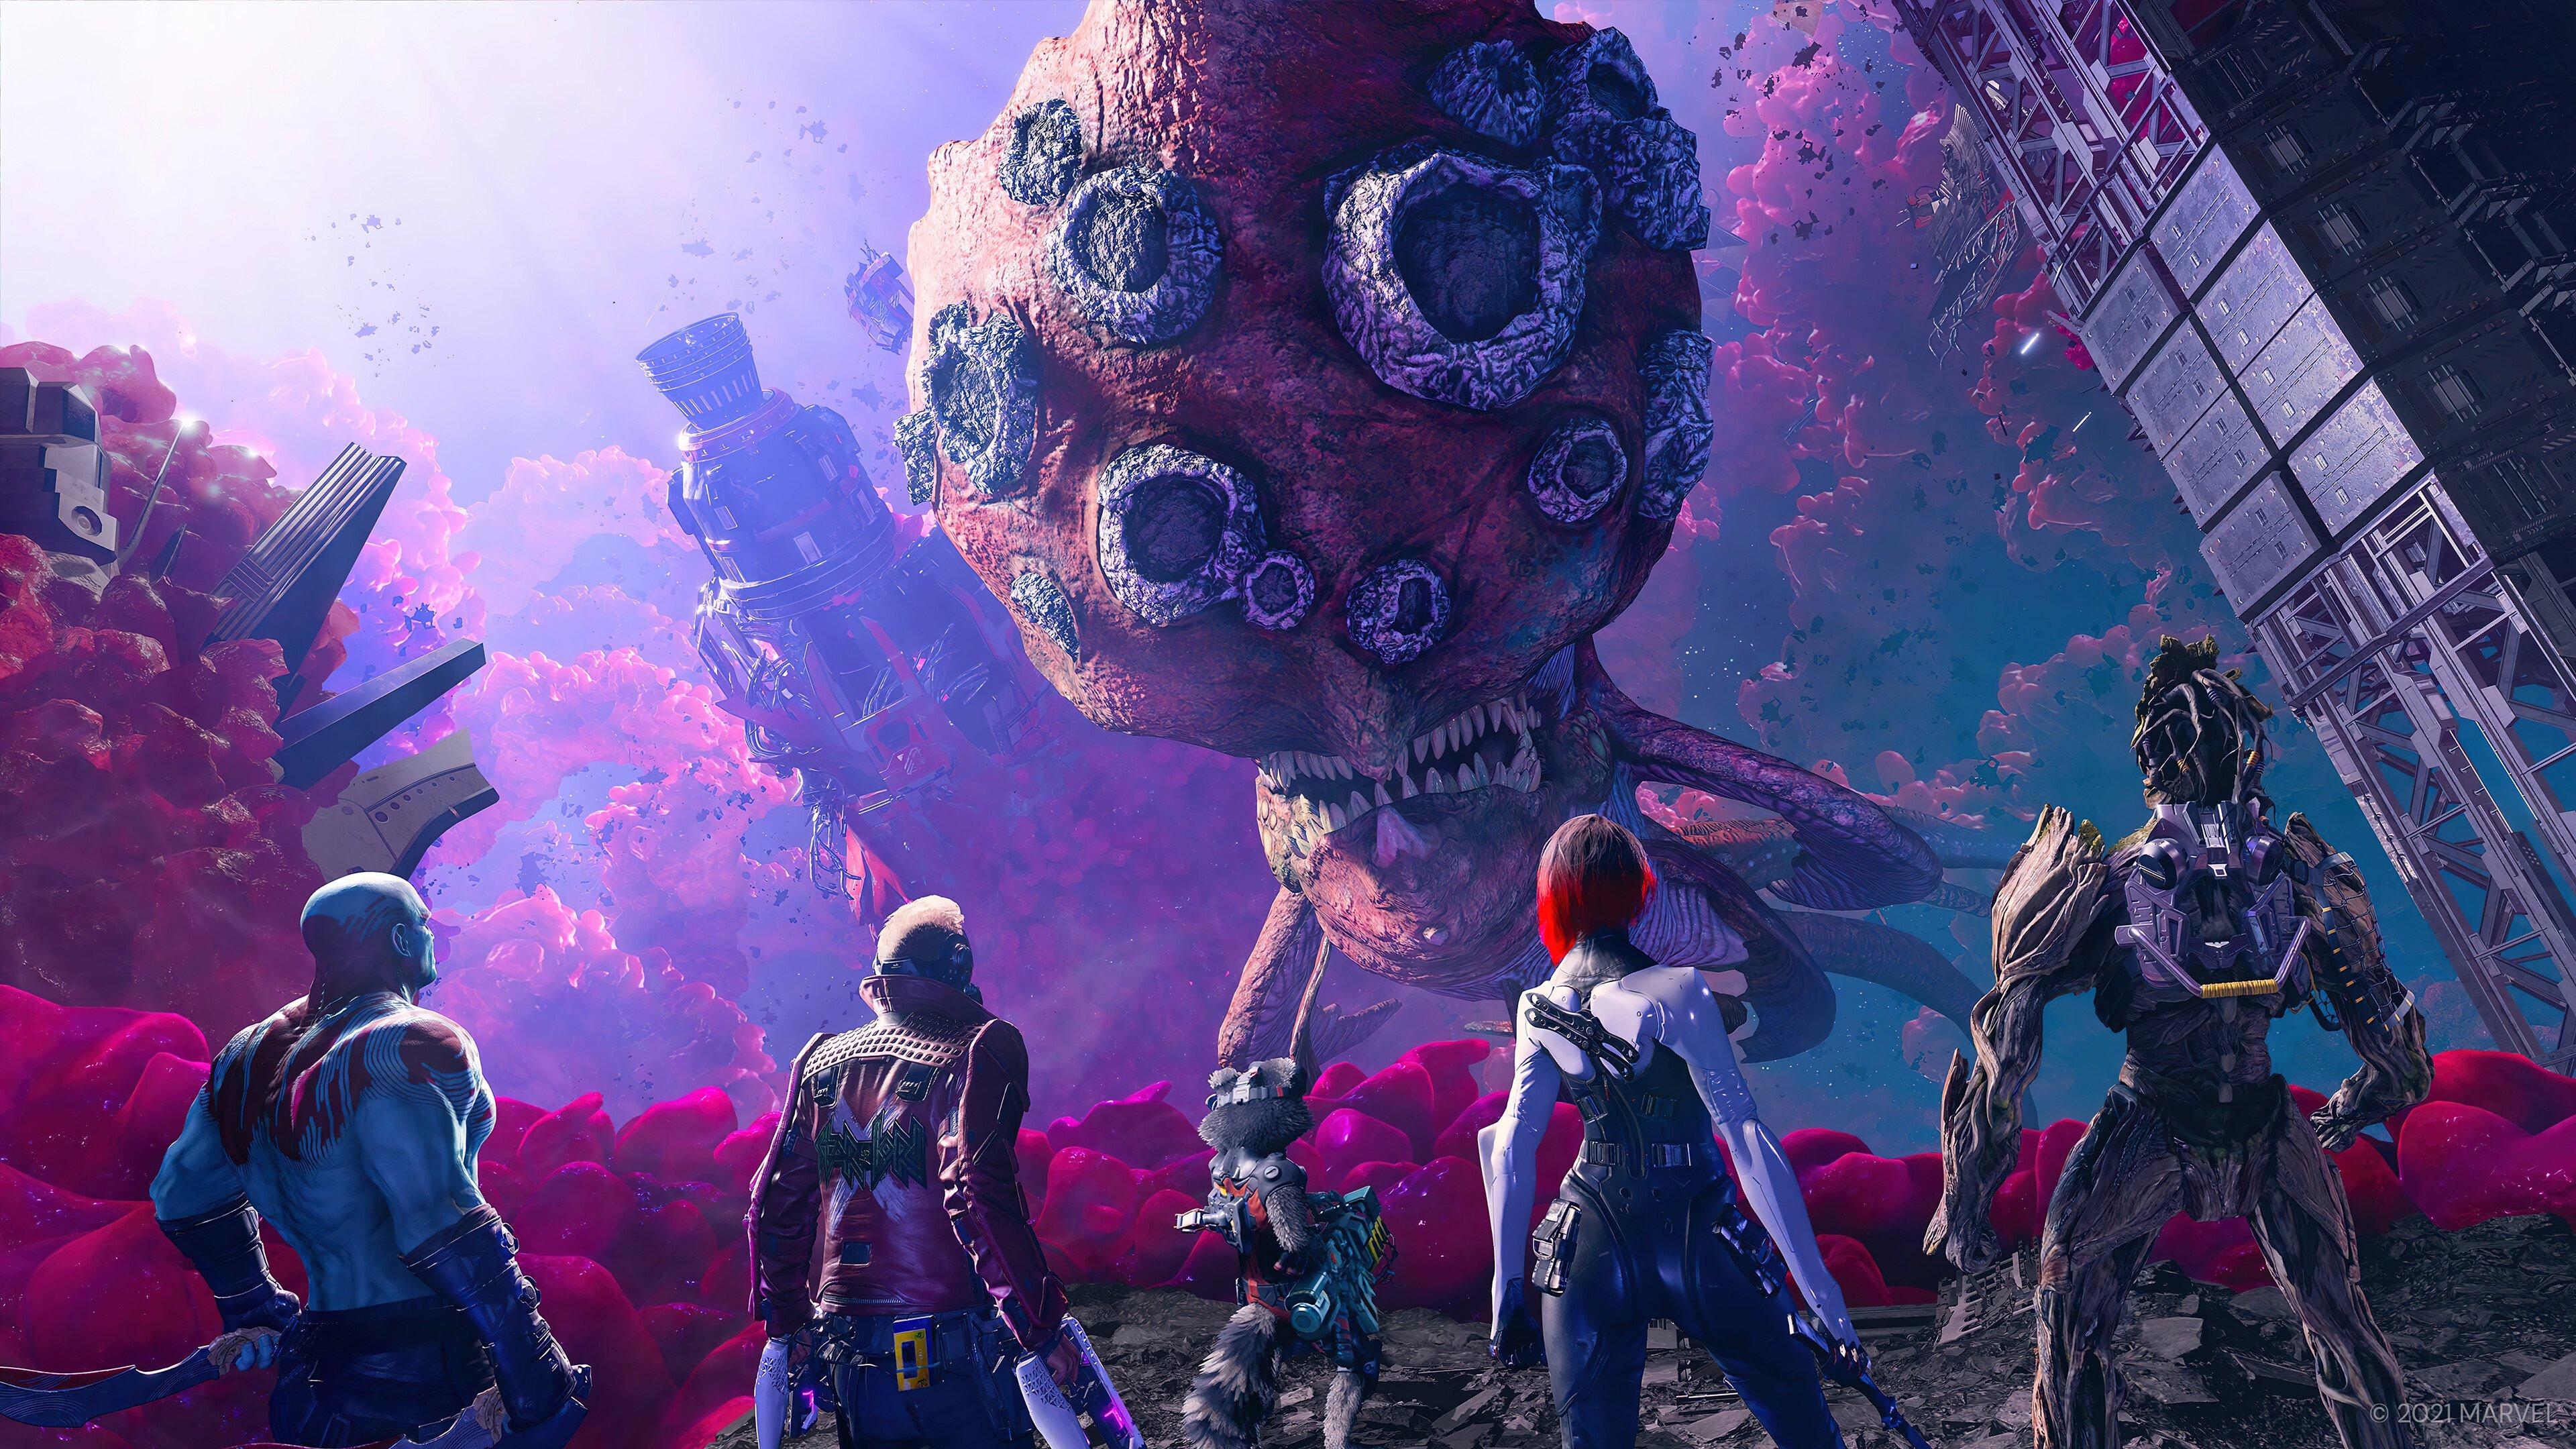 Fondos de pantalla Personajes de Guardianes de la galaxia juego